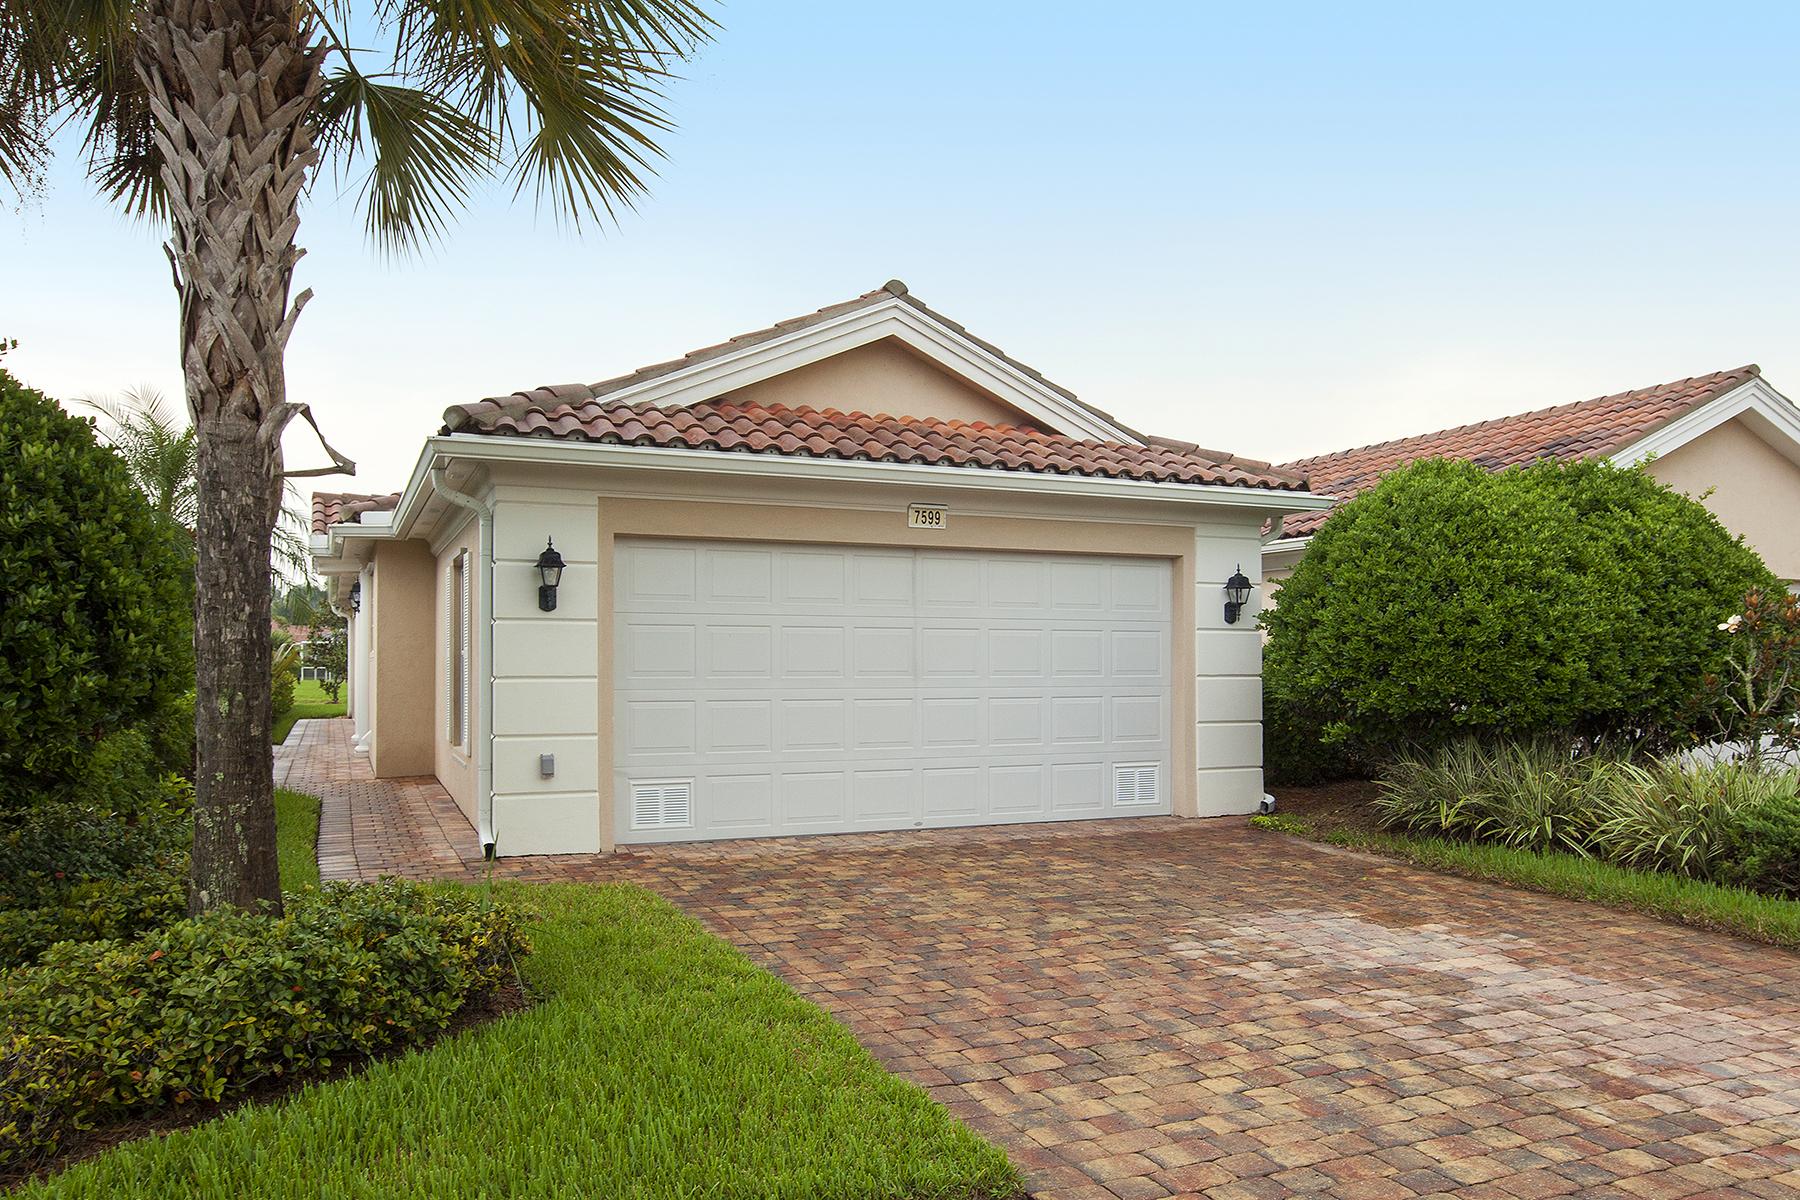 联栋屋 为 销售 在 VERONA WALK 7599 Novara Ct Naples, 佛罗里达州 34114 美国